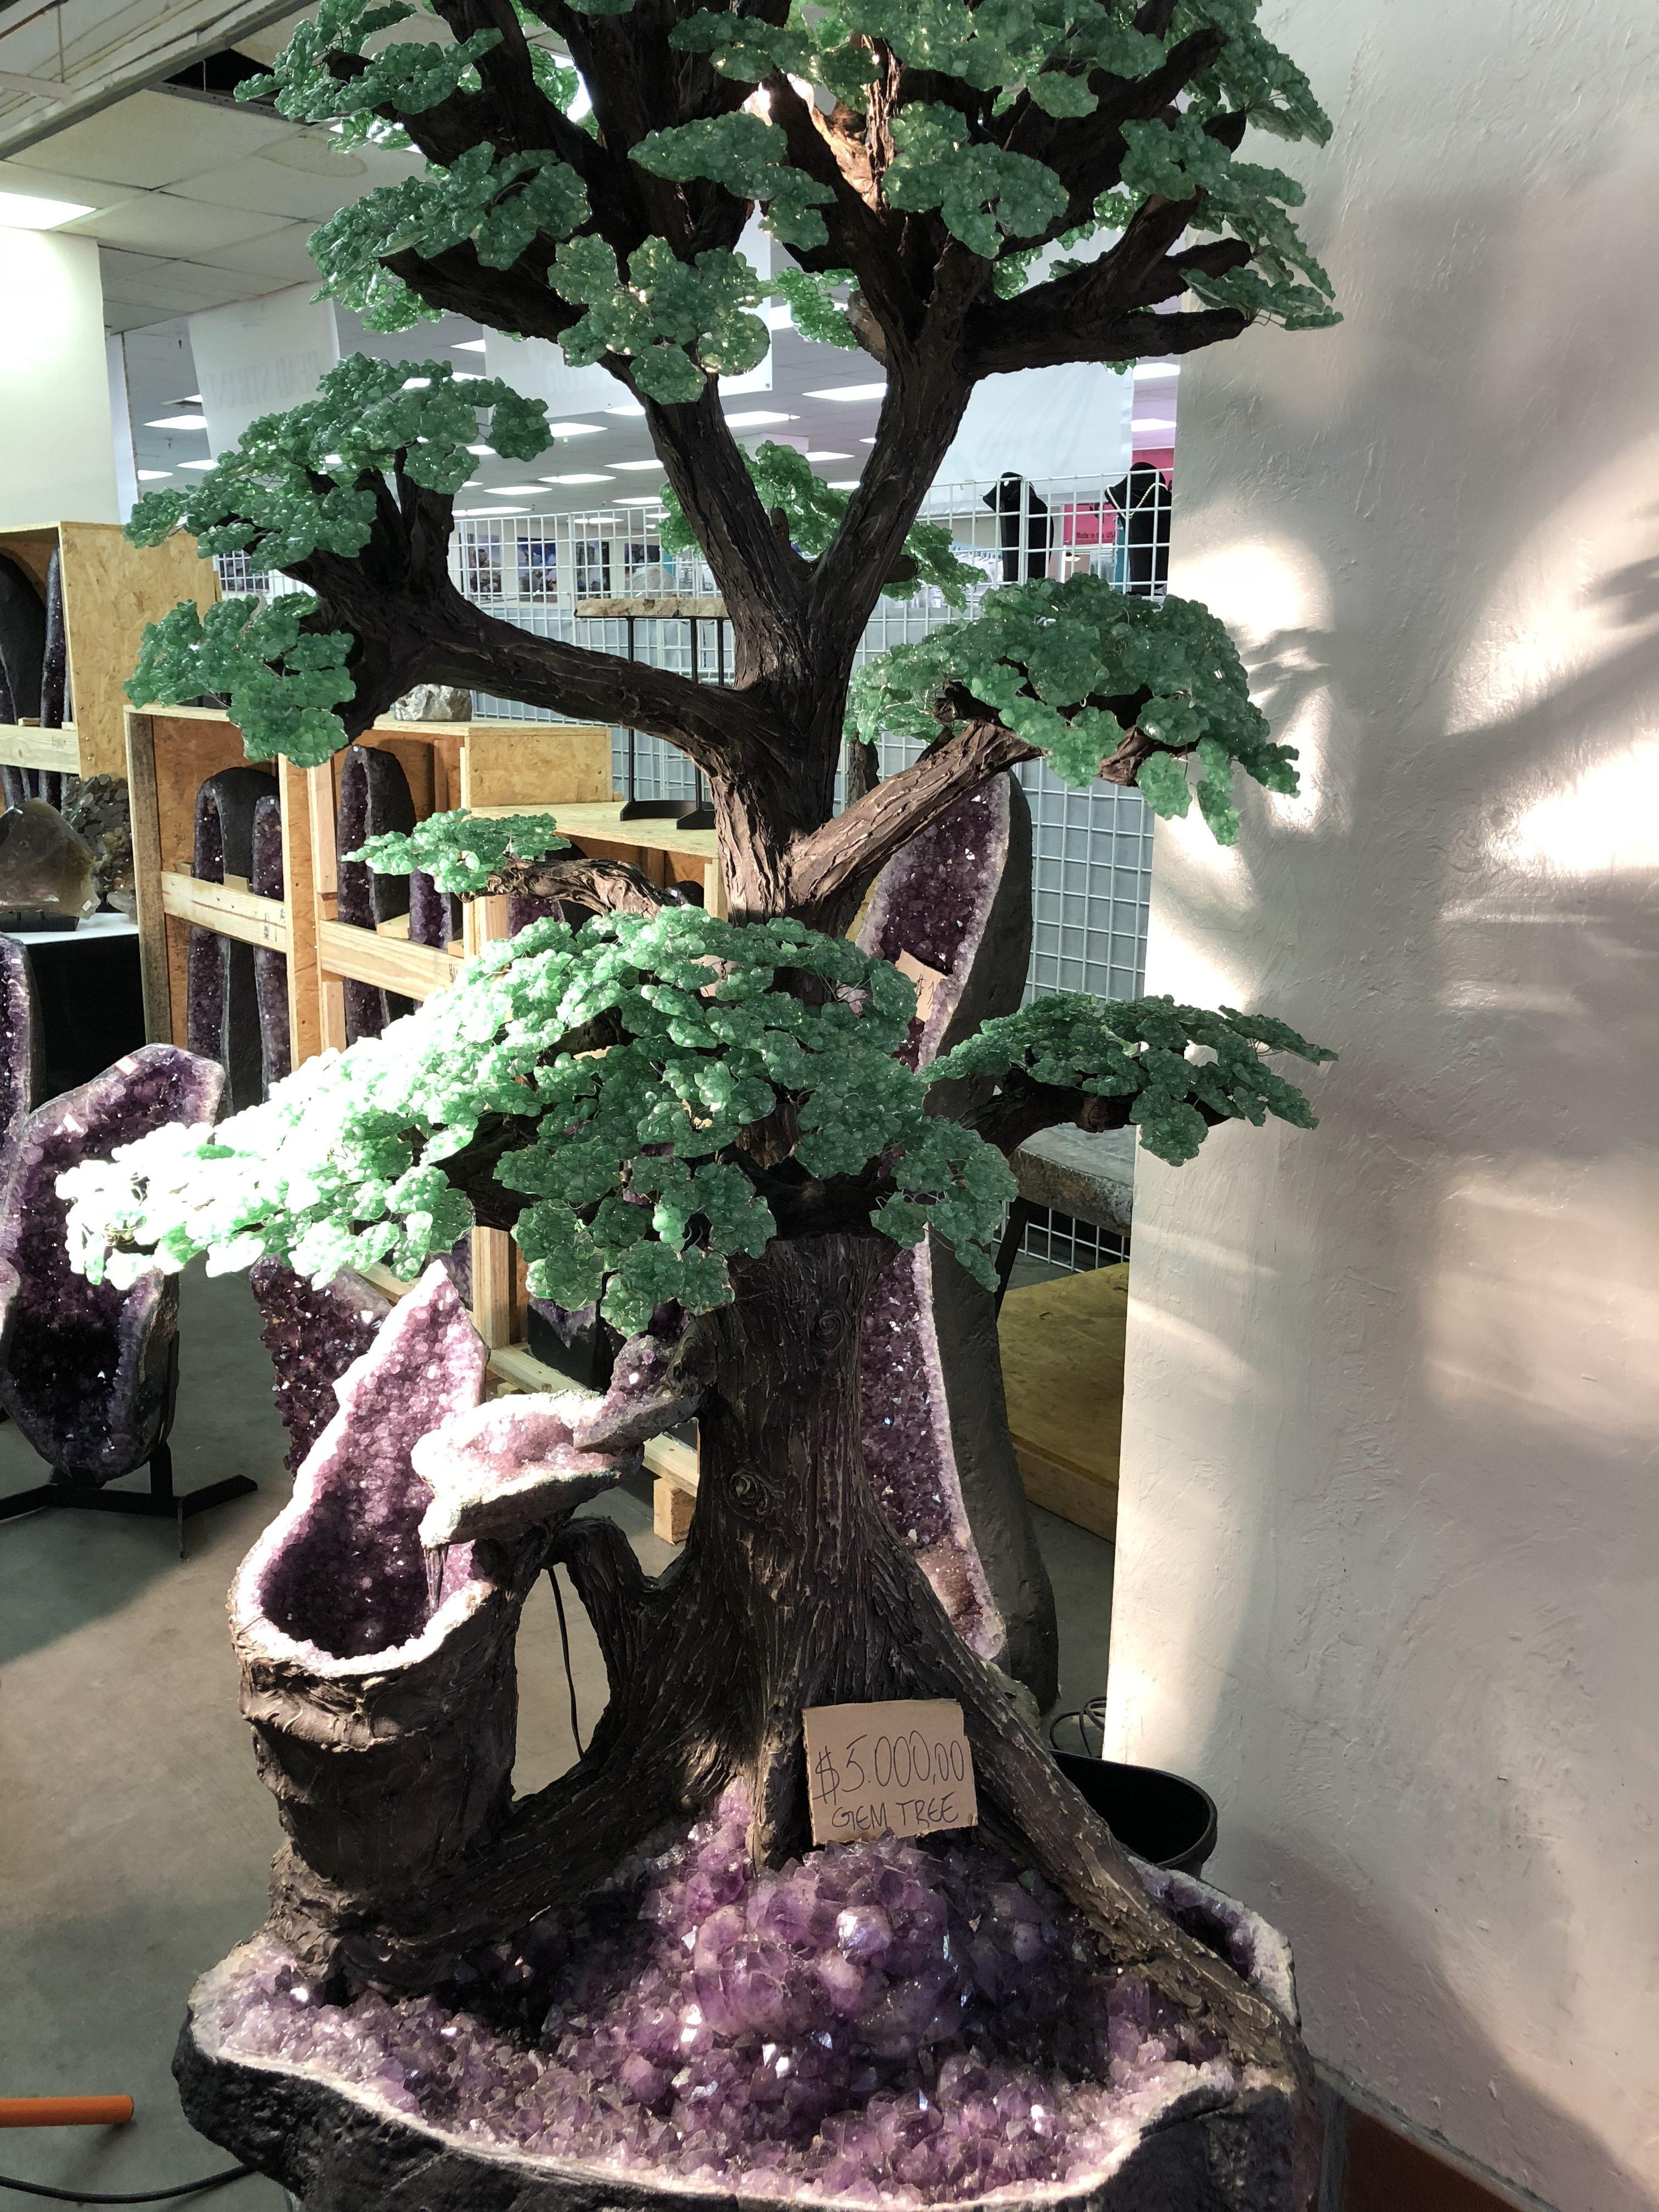 Life-size gemstone tree